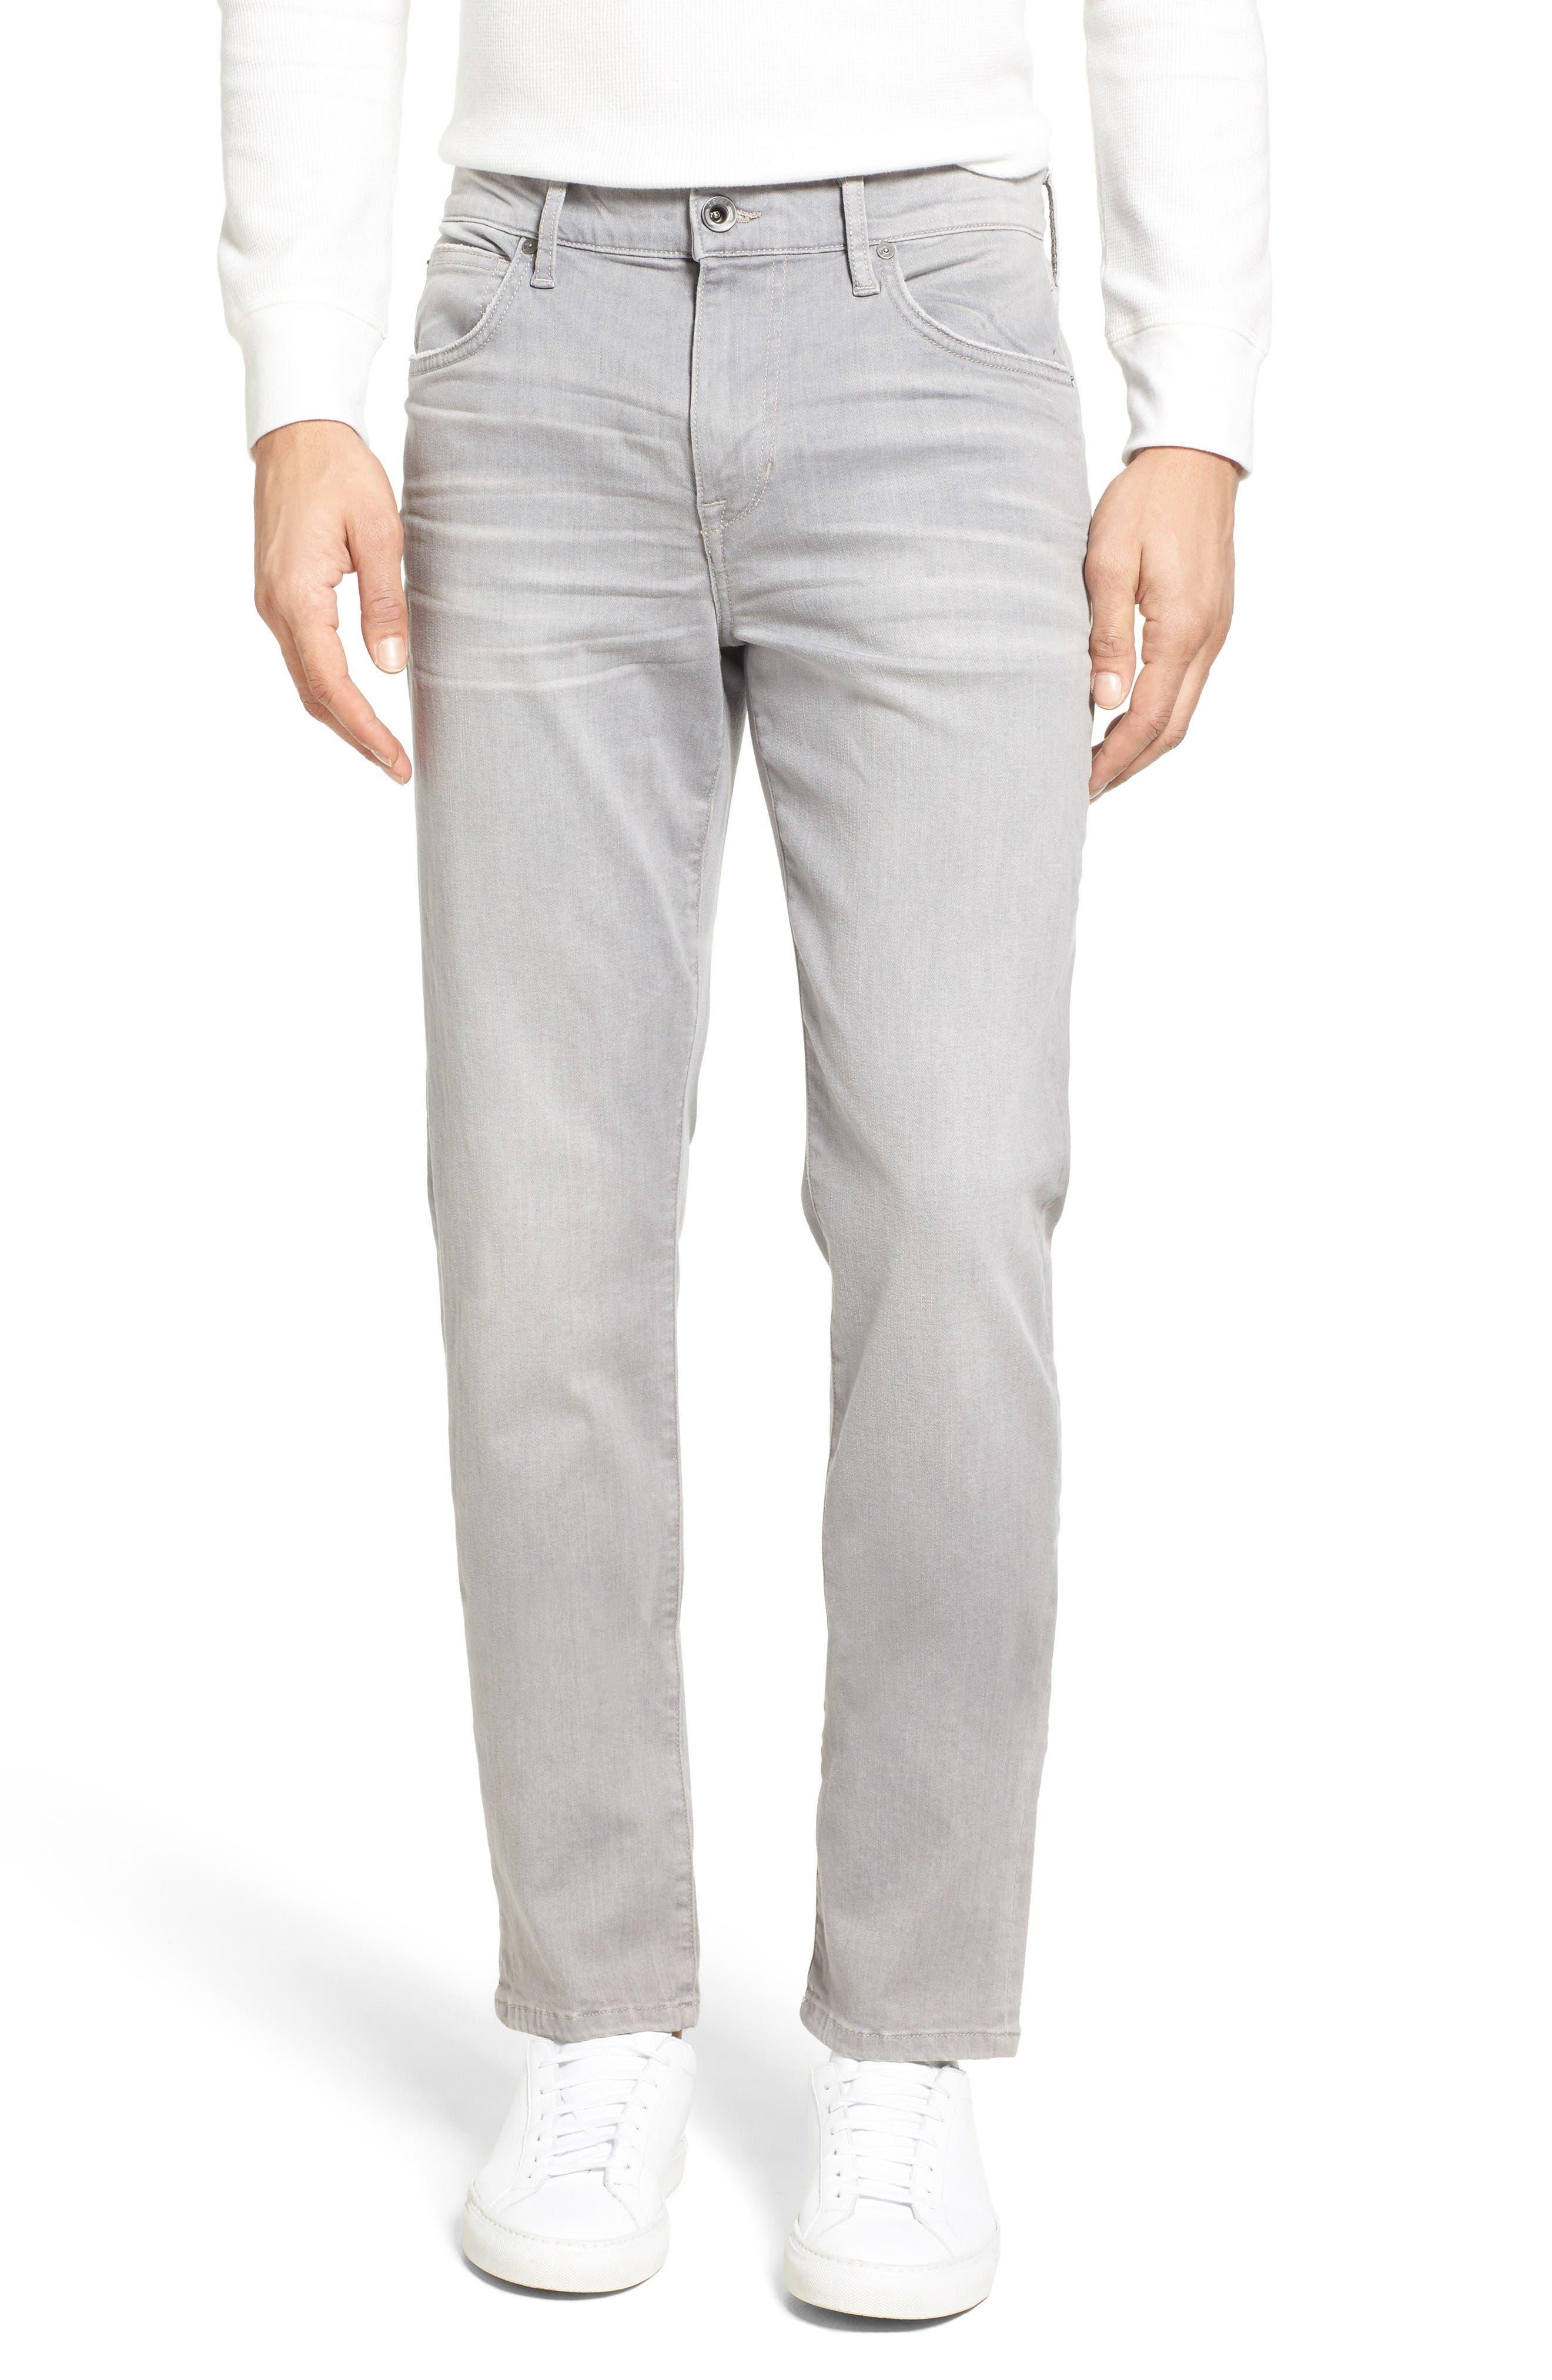 Alternate Image 1 Selected - Joe's Slim Fit Jeans (Wolfe)